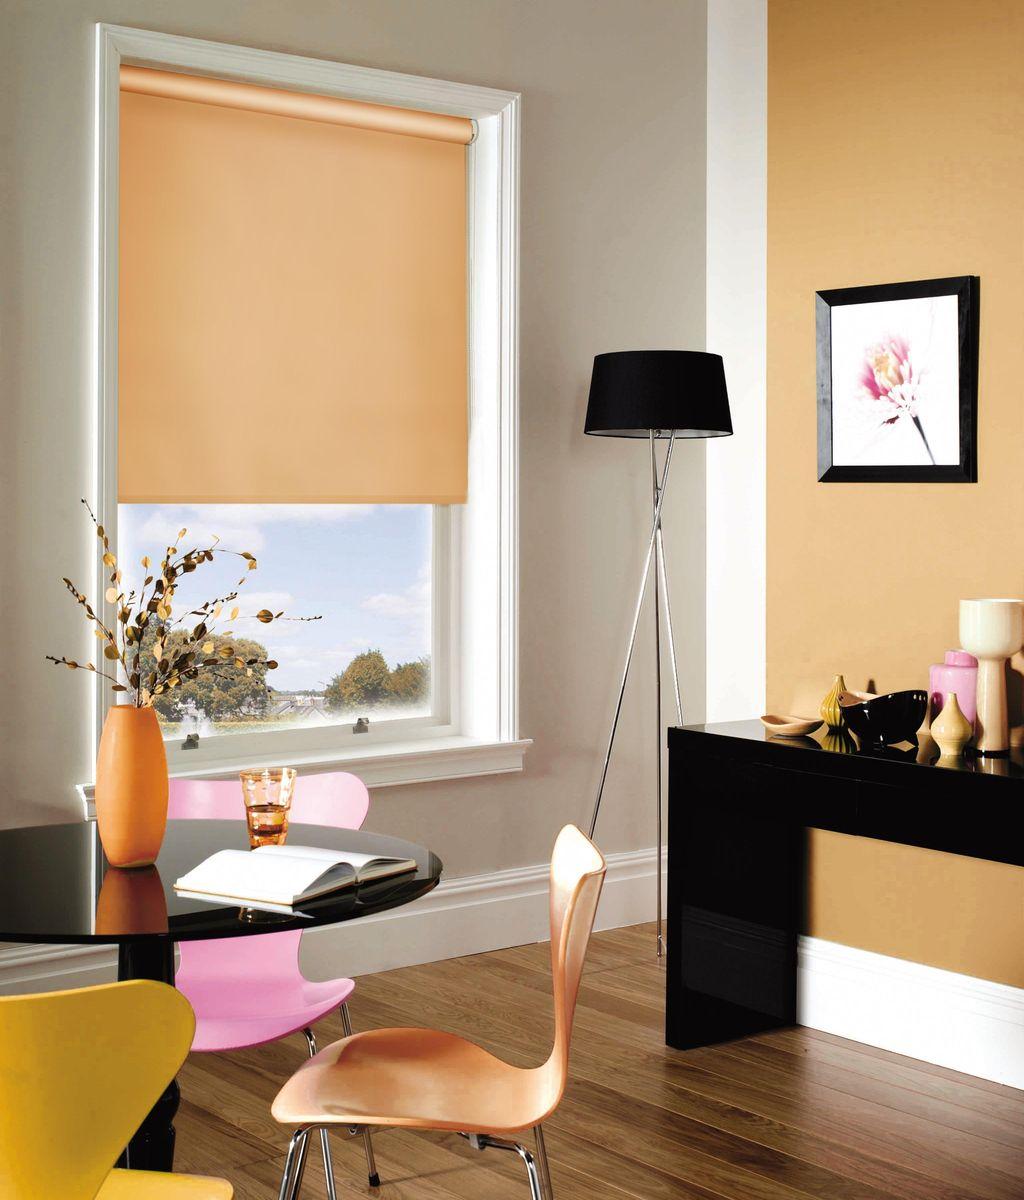 Штора рулонная Эскар, цвет: абрикосовый, ширина 140 см, высота 170 см81012140170Рулонными шторами можно оформлять окна как самостоятельно, так и использовать в комбинации с портьерами. Это поможет предотвратить выгорание дорогой ткани на солнце и соединит функционал рулонных с красотой навесных. Преимущества применения рулонных штор для пластиковых окон: - имеют прекрасный внешний вид: многообразие и фактурность материала изделия отлично смотрятся в любом интерьере; - многофункциональны: есть возможность подобрать шторы способные эффективно защитить комнату от солнца, при этом она не будет слишком темной. - Есть возможность осуществить быстрый монтаж. ВНИМАНИЕ! Размеры ширины изделия указаны по ширине ткани! Во время эксплуатации не рекомендуется полностью разматывать рулон, чтобы не оторвать ткань от намоточного вала. В случае загрязнения поверхности ткани, чистку шторы проводят одним из способов, в зависимости от типа загрязнения: легкое поверхностное загрязнение можно удалить при помощи канцелярского ластика; чистка от пыли производится сухим методом при...